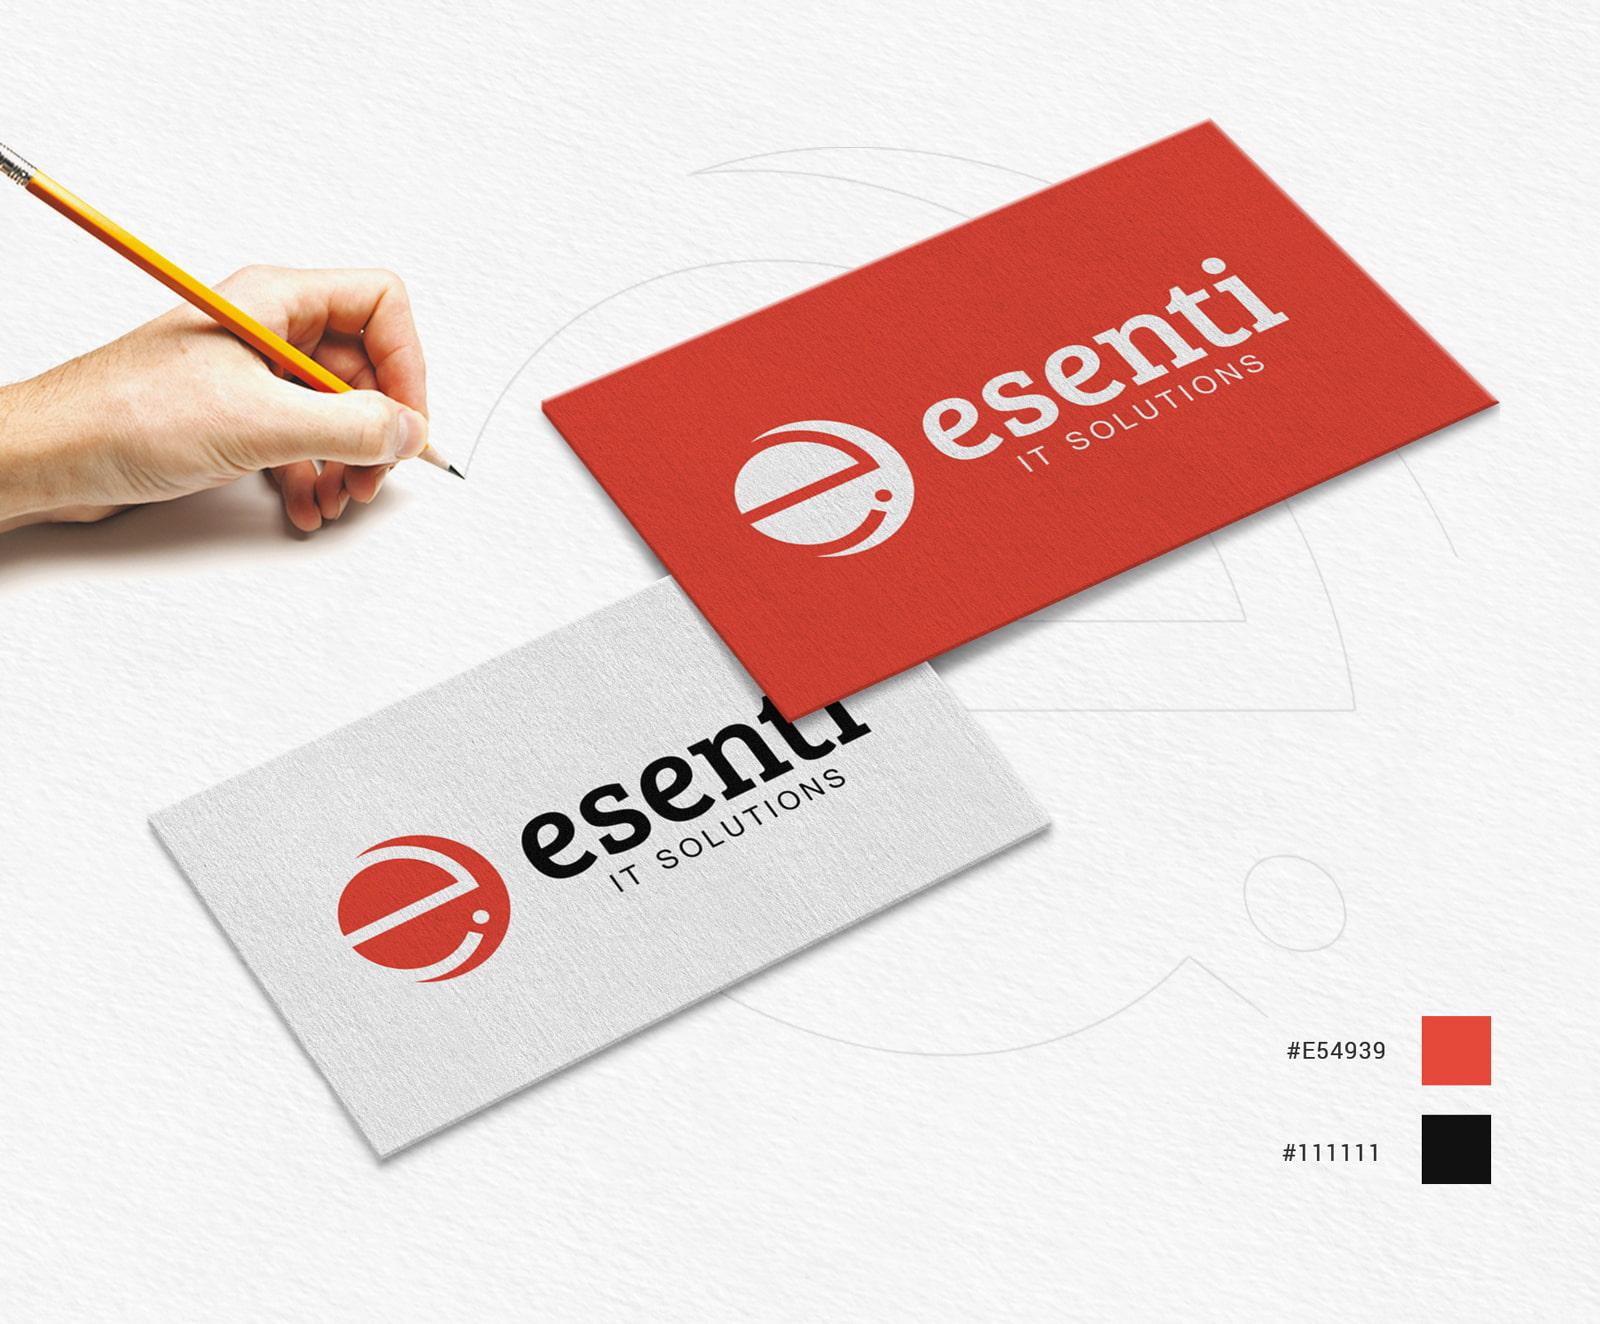 esenti_logo